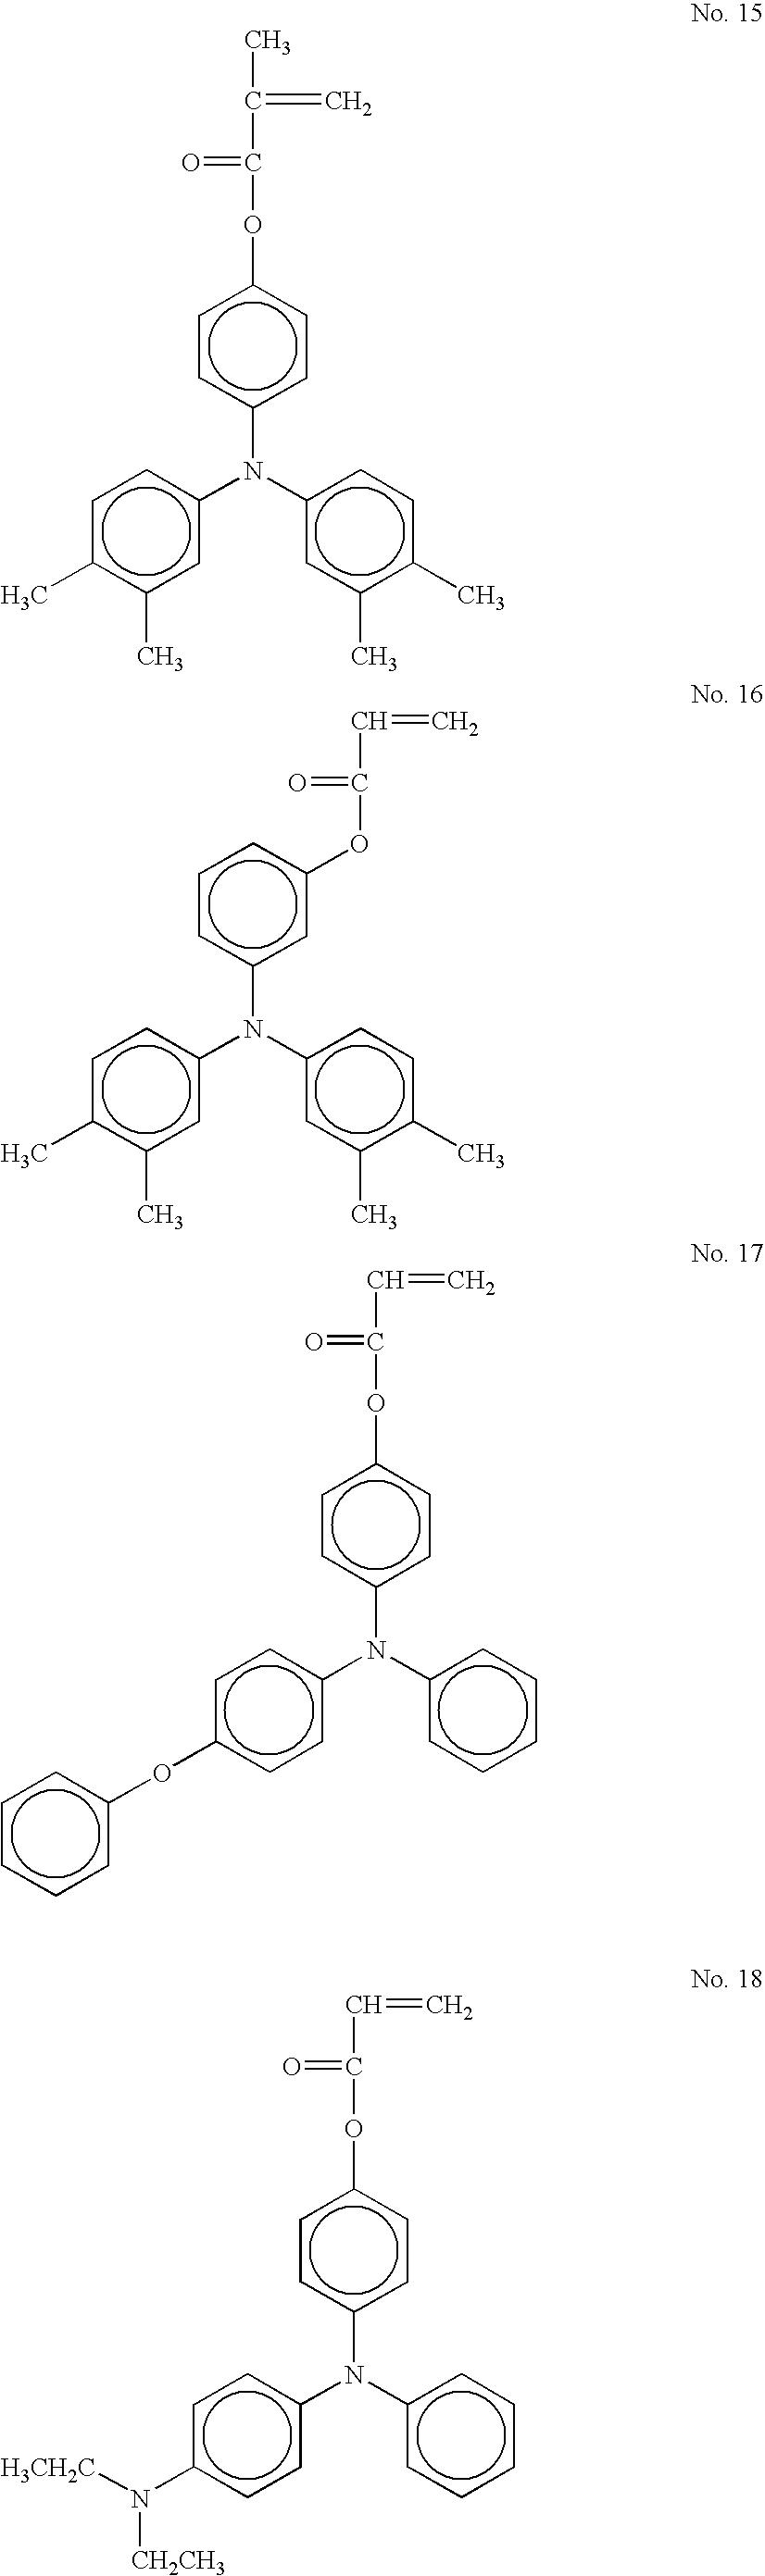 Figure US07361438-20080422-C00015